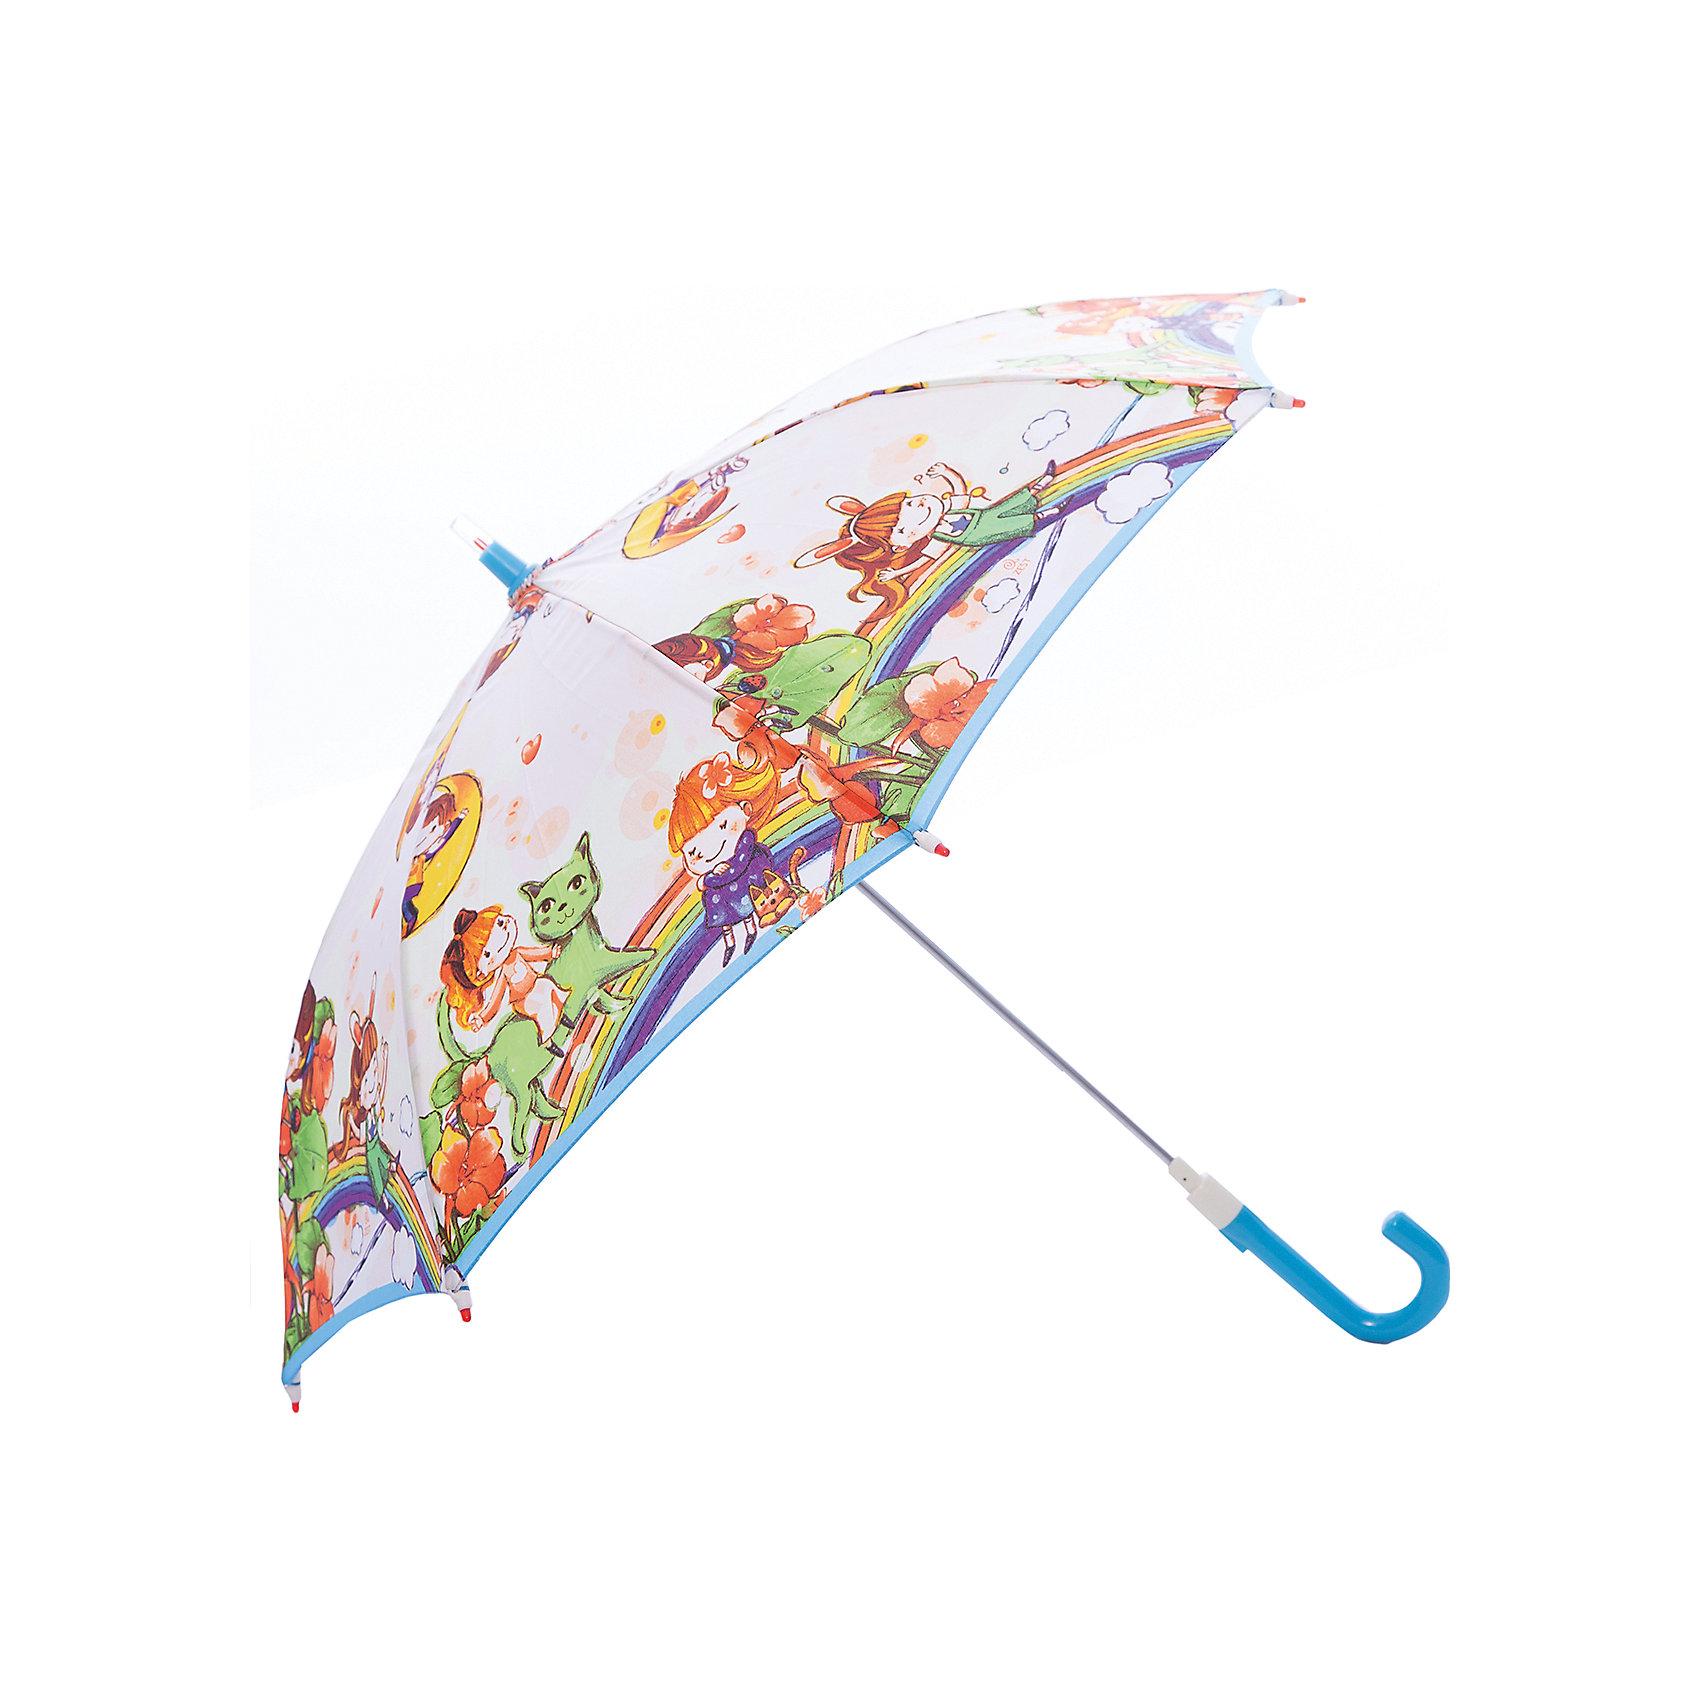 Зонт-трость, детский, рисунок На радугеКрасочный детский зонтик Zest 21551  со светодиодами (на кончиках спиц и на куполе в центре), трость, механика, 8 спиц, купол 78 см, материал купола полиэстер, ручка зонта из пластика, материал каркаса - сталь. Концы спиц зонтика прикрыты специальными колпачками-лампочками. ВЕТРОУСТОЙЧИВАЯ КОНСТРУКЦИЯ. Внимание! В сильный ветер не эксплуатировать! Зонт может сломаться. Гарантия 6 месяцев, срок службы 5 лет. Необходимы 2 батарейки типа ААА<br><br>Ширина мм: 680<br>Глубина мм: 9999<br>Высота мм: 680<br>Вес г: 310<br>Возраст от месяцев: 36<br>Возраст до месяцев: 2147483647<br>Пол: Унисекс<br>Возраст: Детский<br>SKU: 5511986